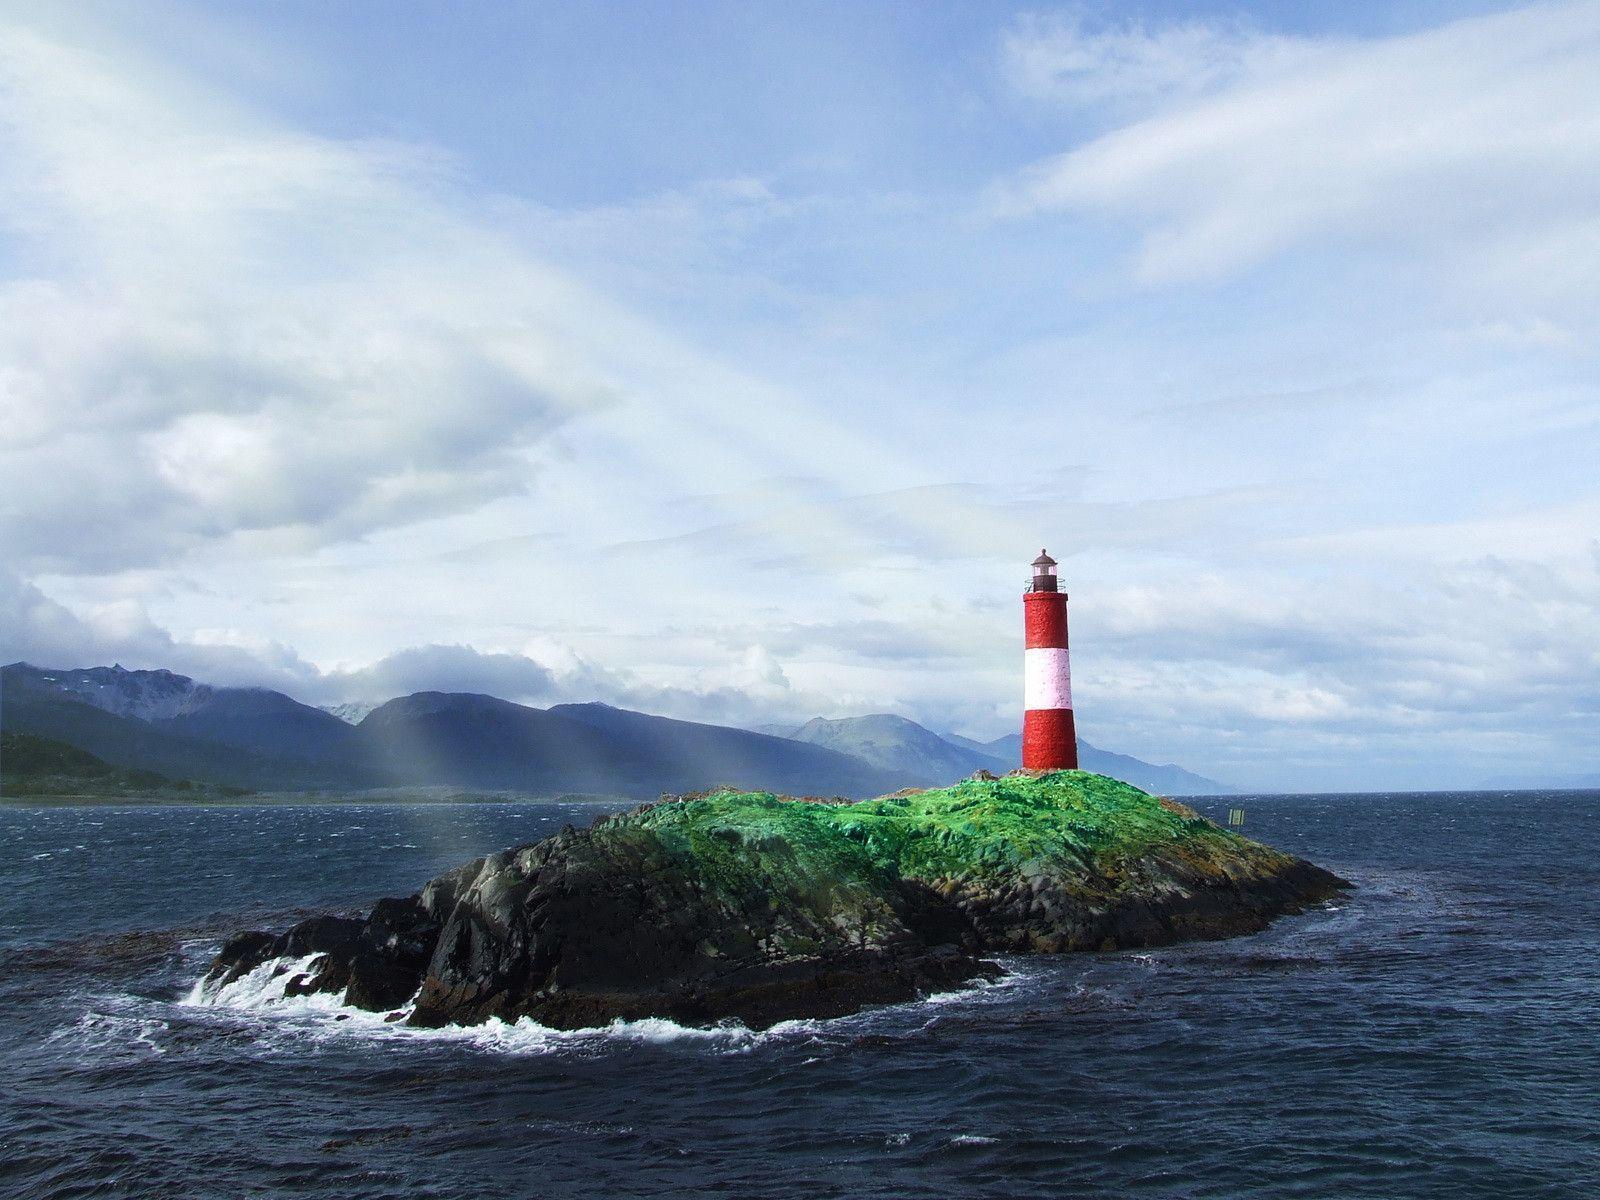 lighthouse wallpaper desktop - photo #24